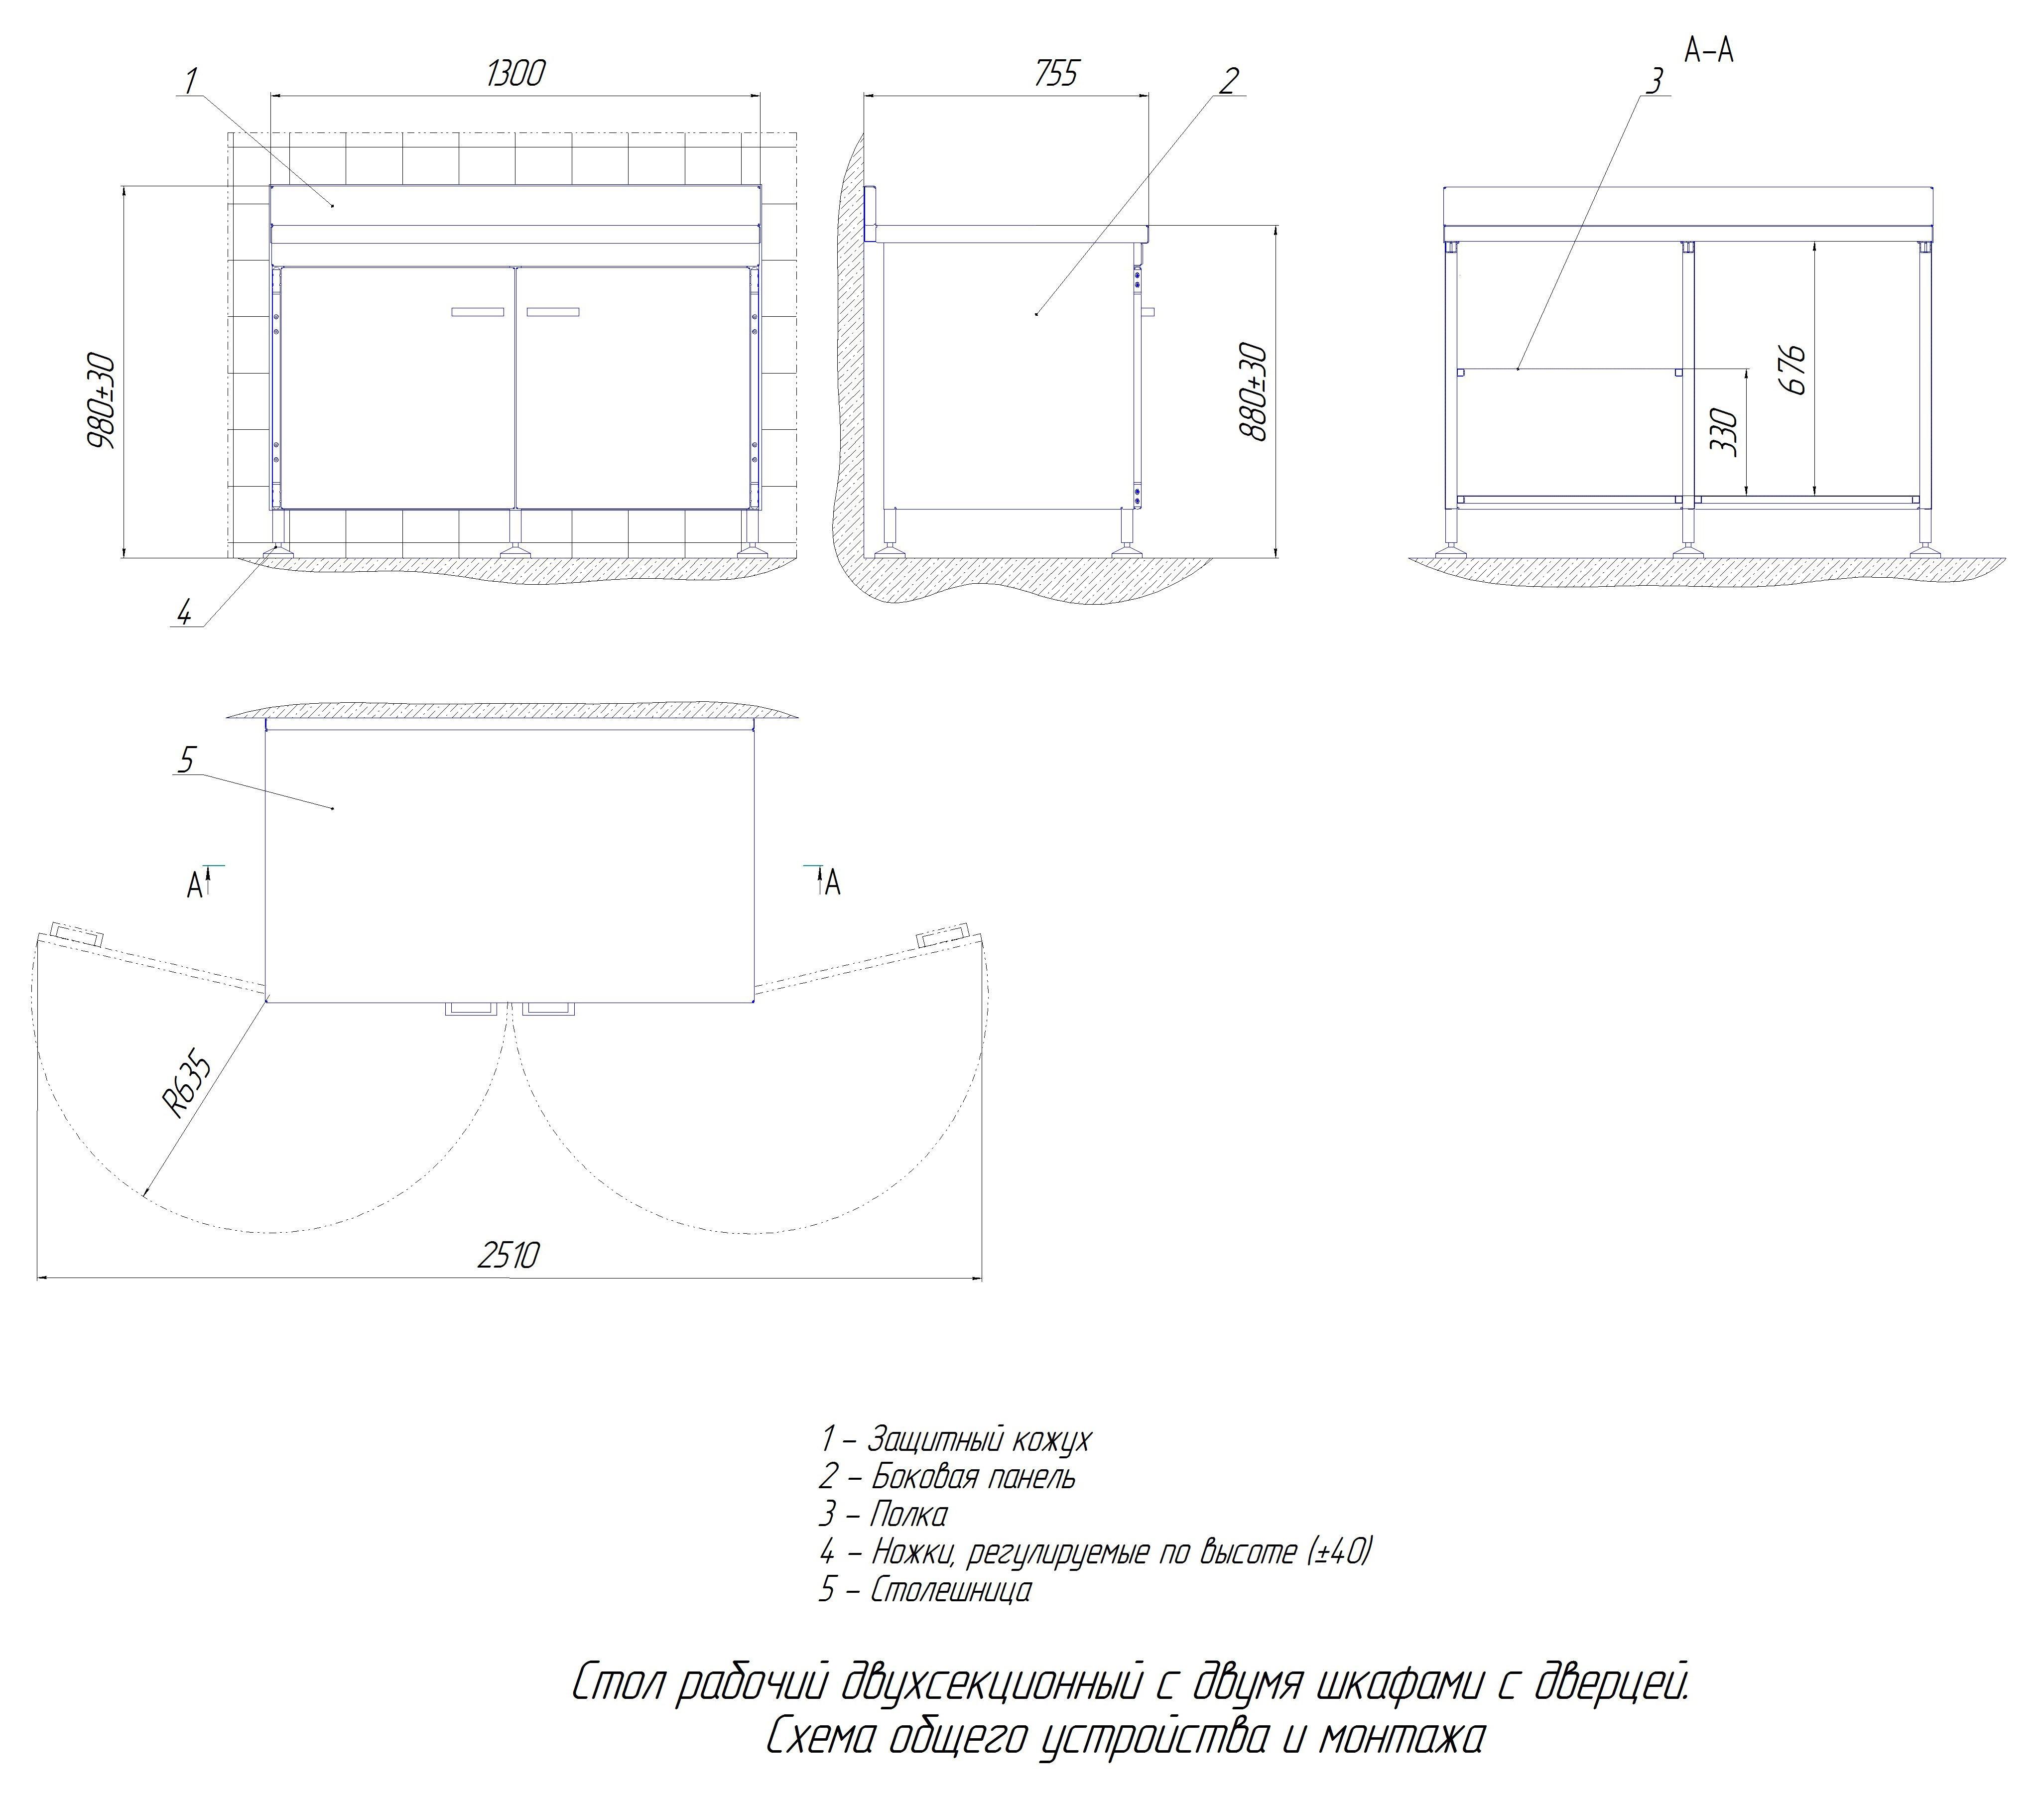 Стол рабочий №1 из нерж. стали 2-х секц. с двумя шкафами с дверцей (1300 мм)